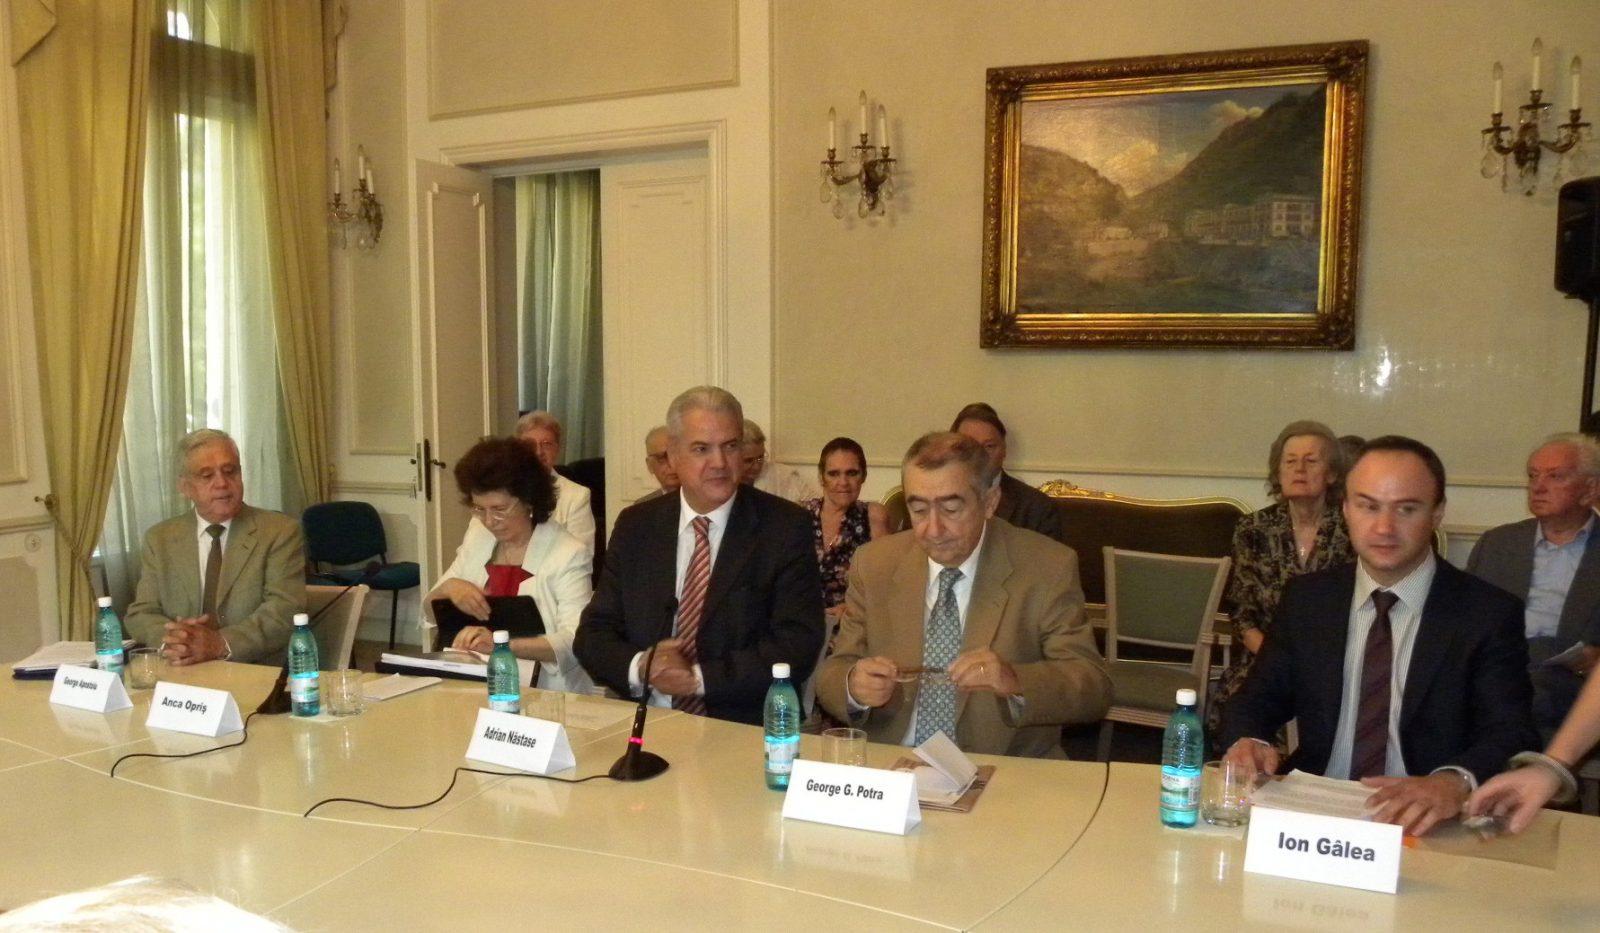 Orientări actuale în politica Franţei. Dialogul româno-francez de la Bucureşti